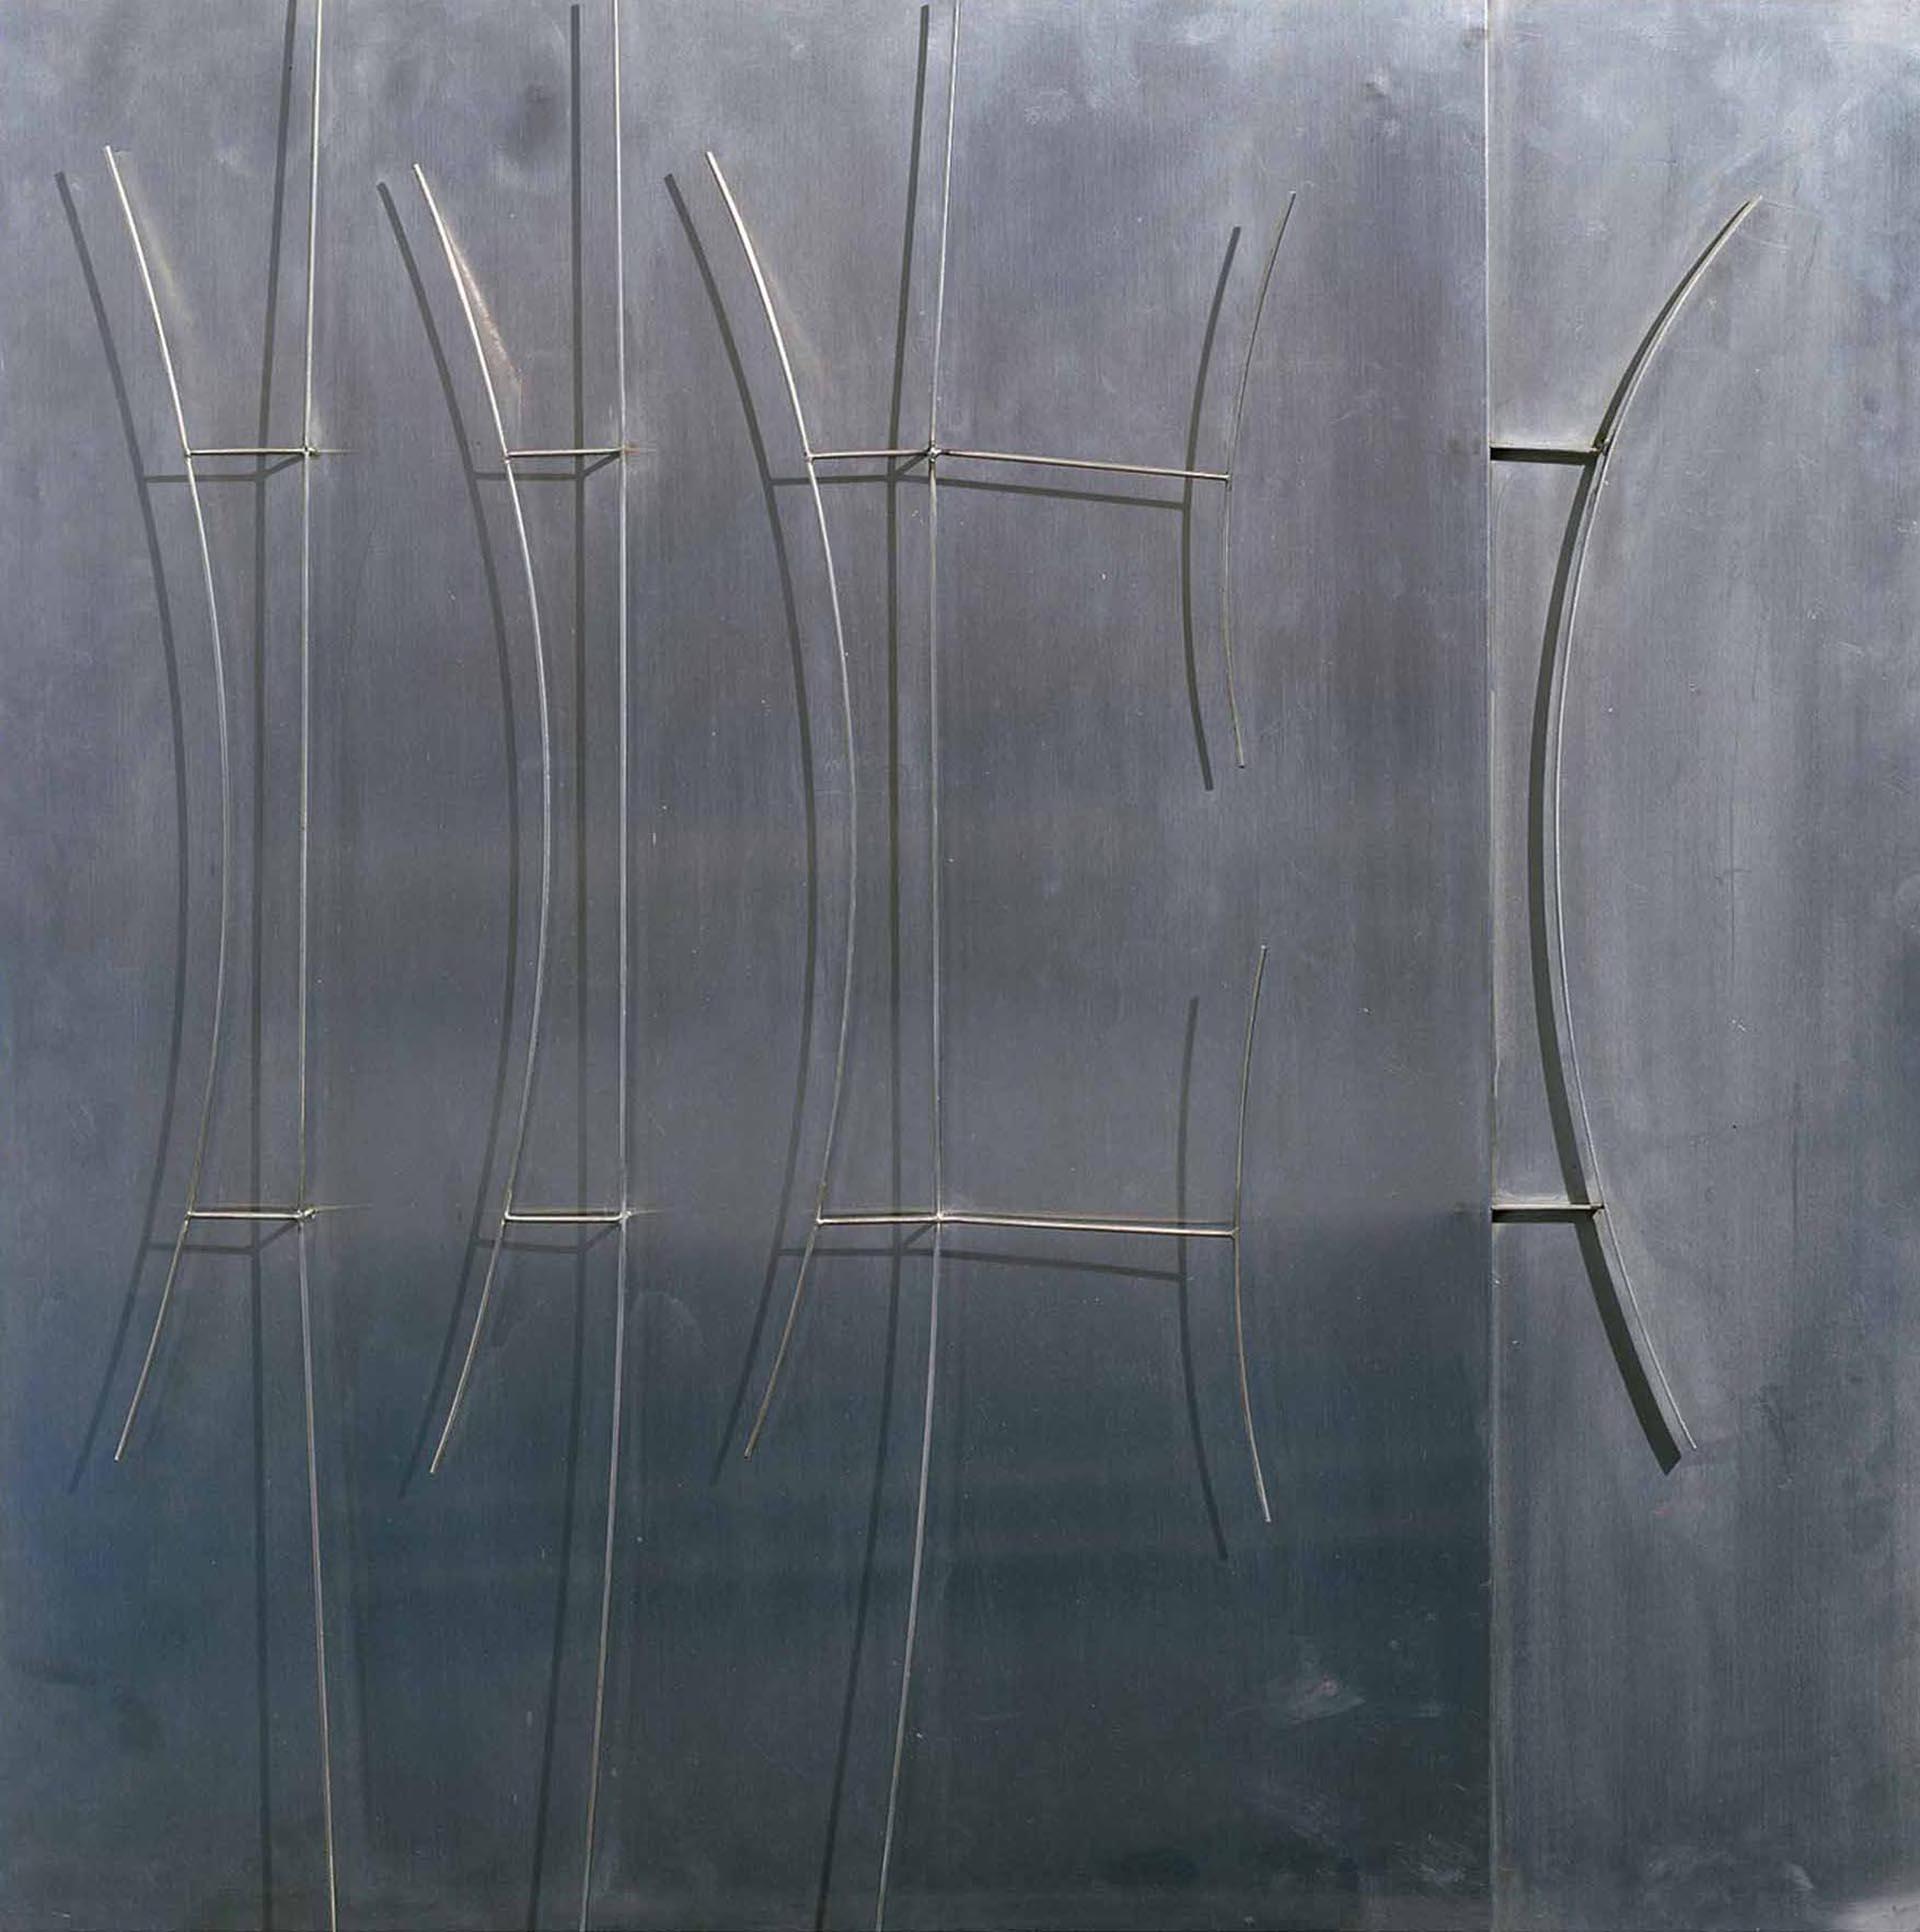 Melotti, Bassorilievo archi, 1970, 90x90x3 cm